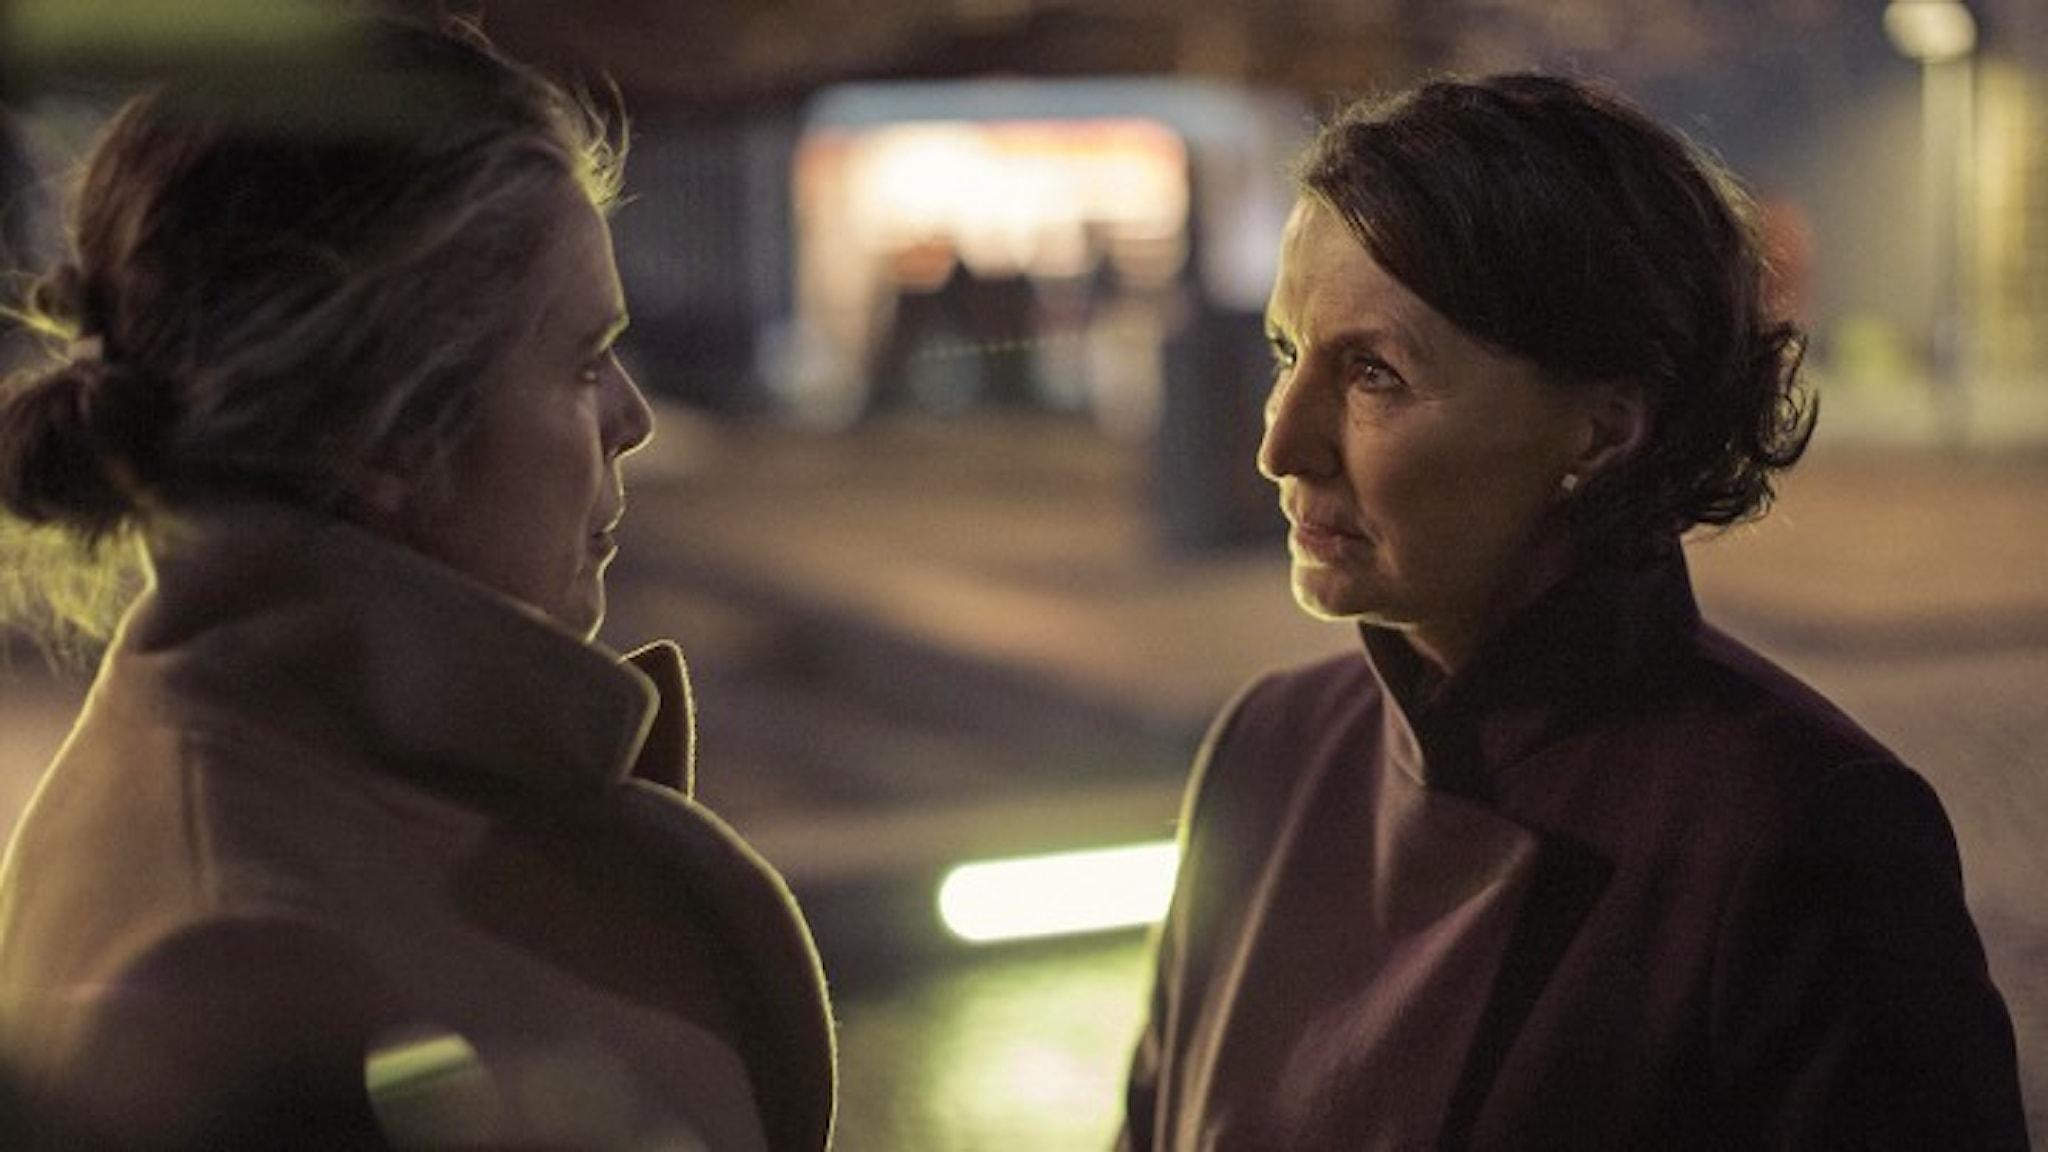 Stinna (Charlotte Andersen) och Elisabeth (Karen Lise Mynster). Kvällsbild ur TV-serien When the dusk settles